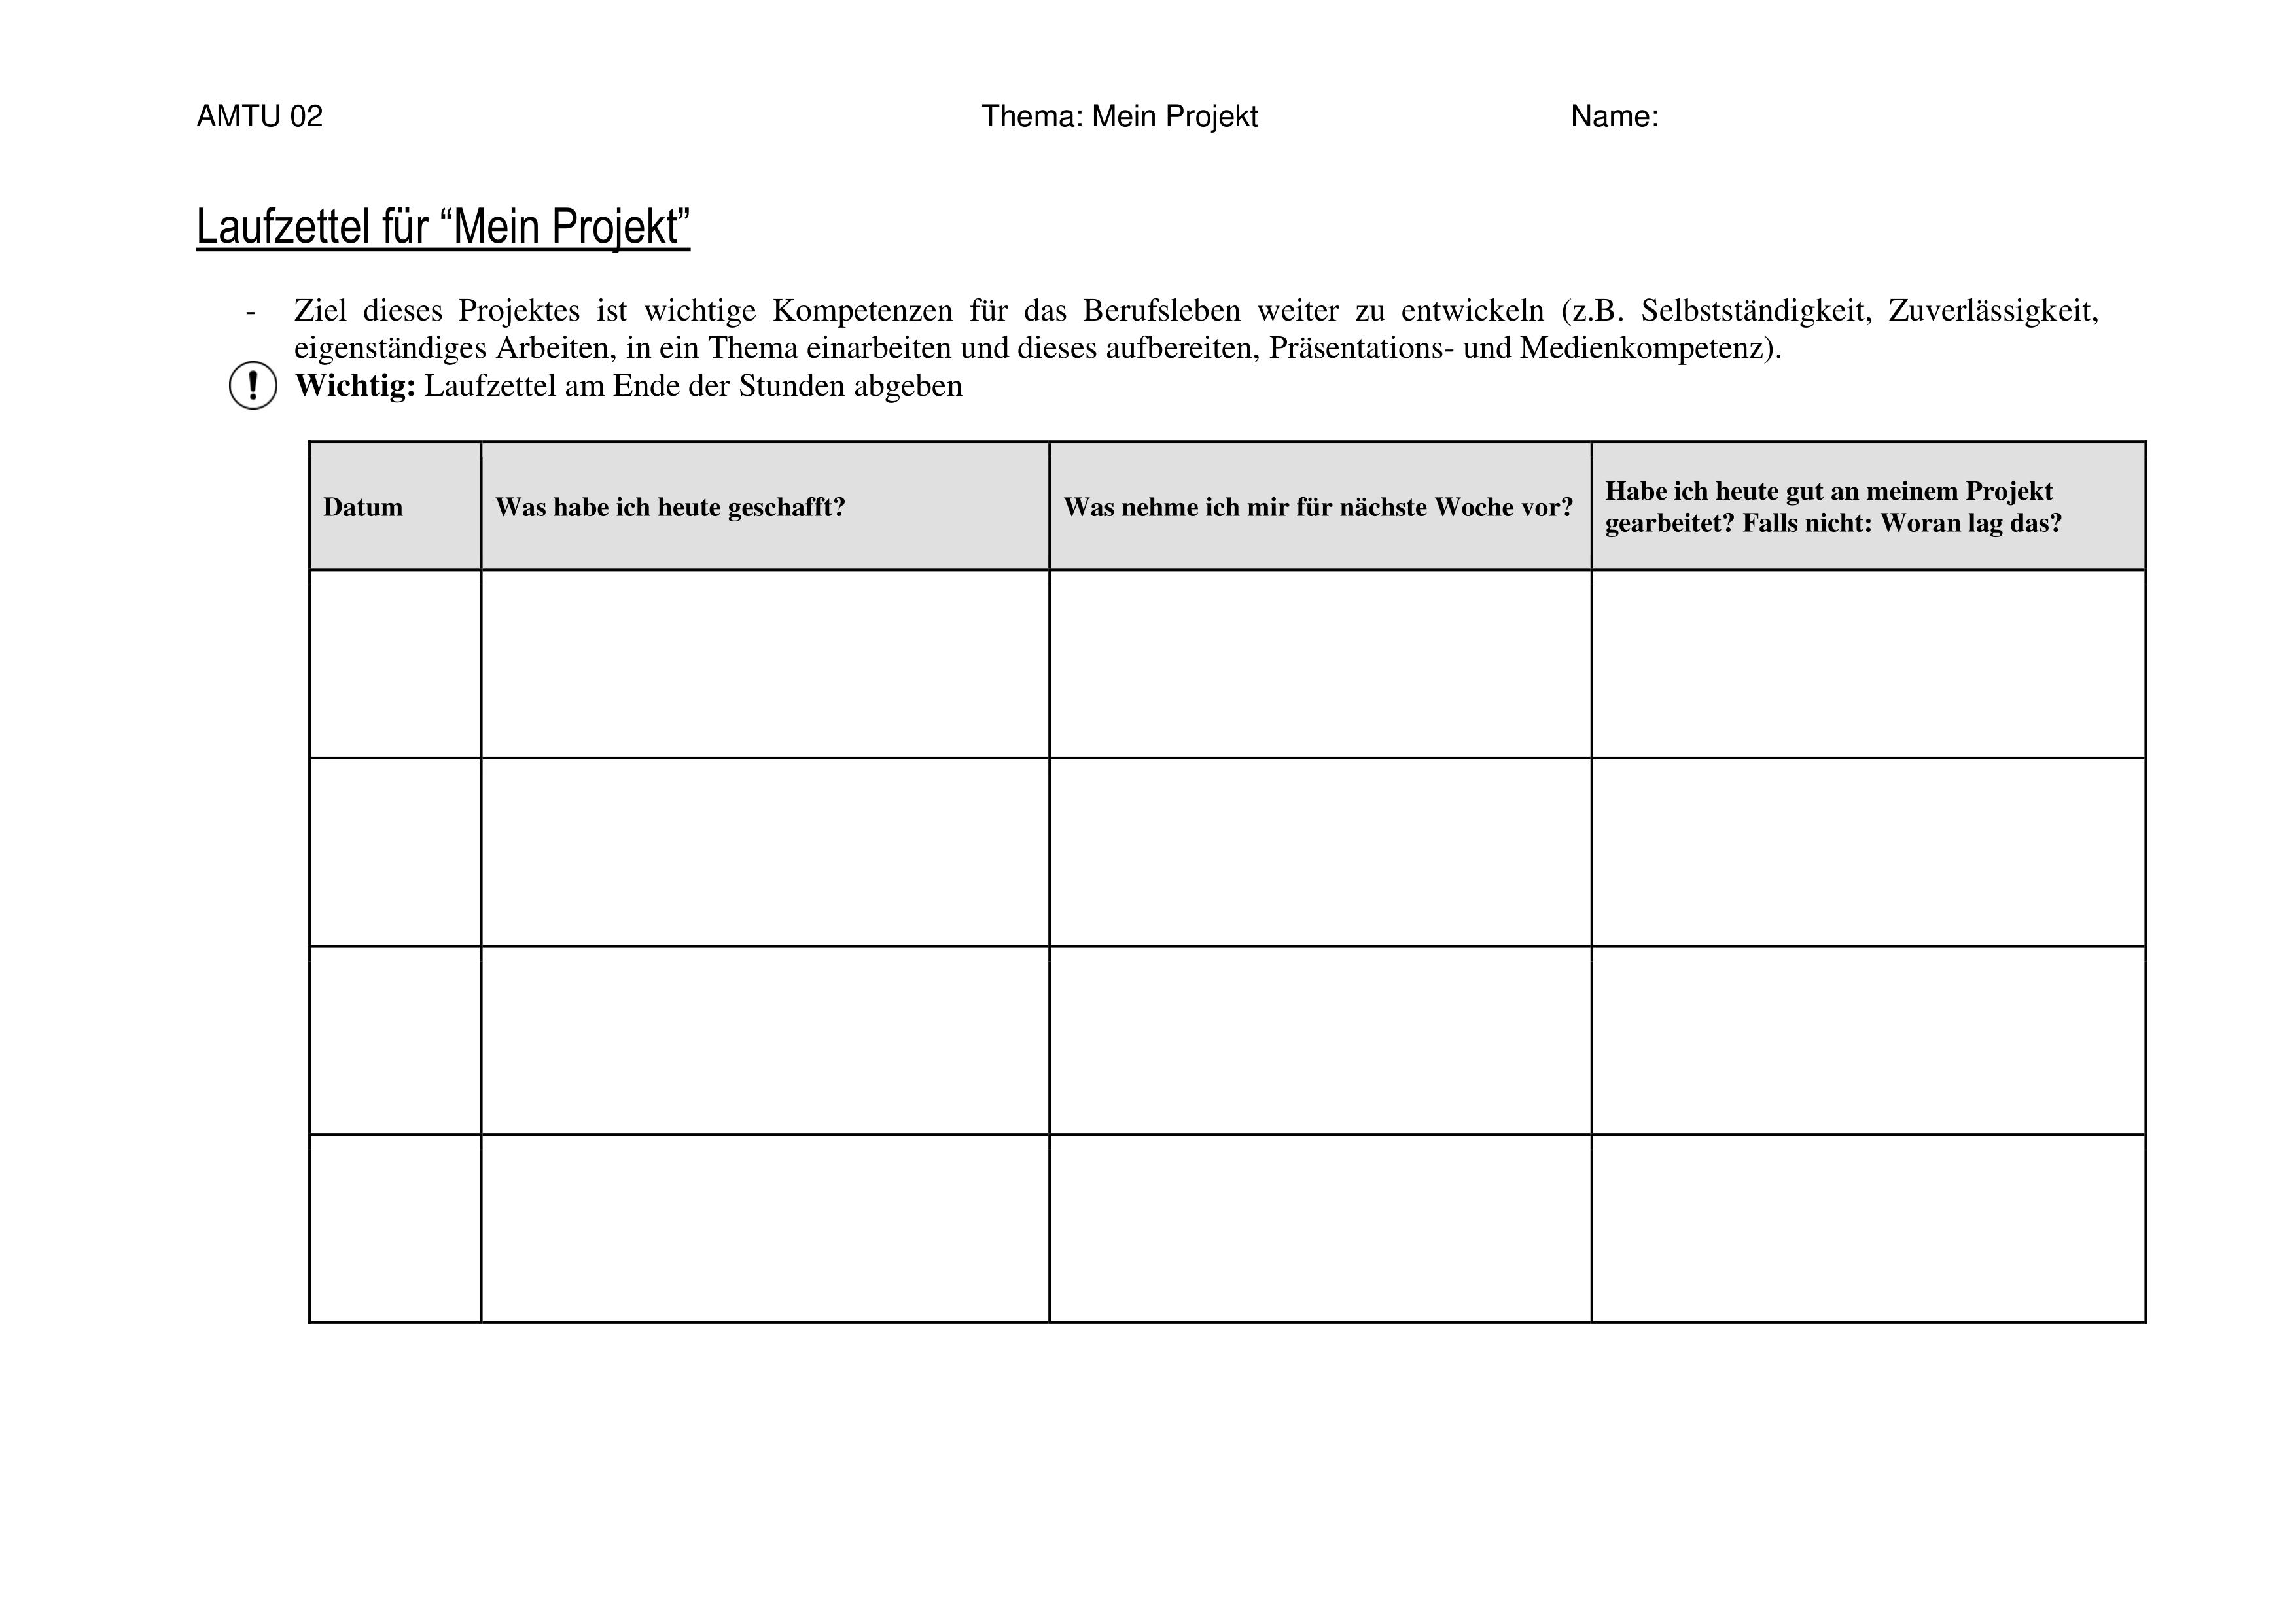 Laufzettel Eigenes Projekt Ausbildungsvorbereitung Unterrichtsmaterial In Den Fachern Arbeitslehre Berufsschule Bs Deutsch Fachubergreifendes In 2020 Ausbildung Berufsschule Berufsorientierung